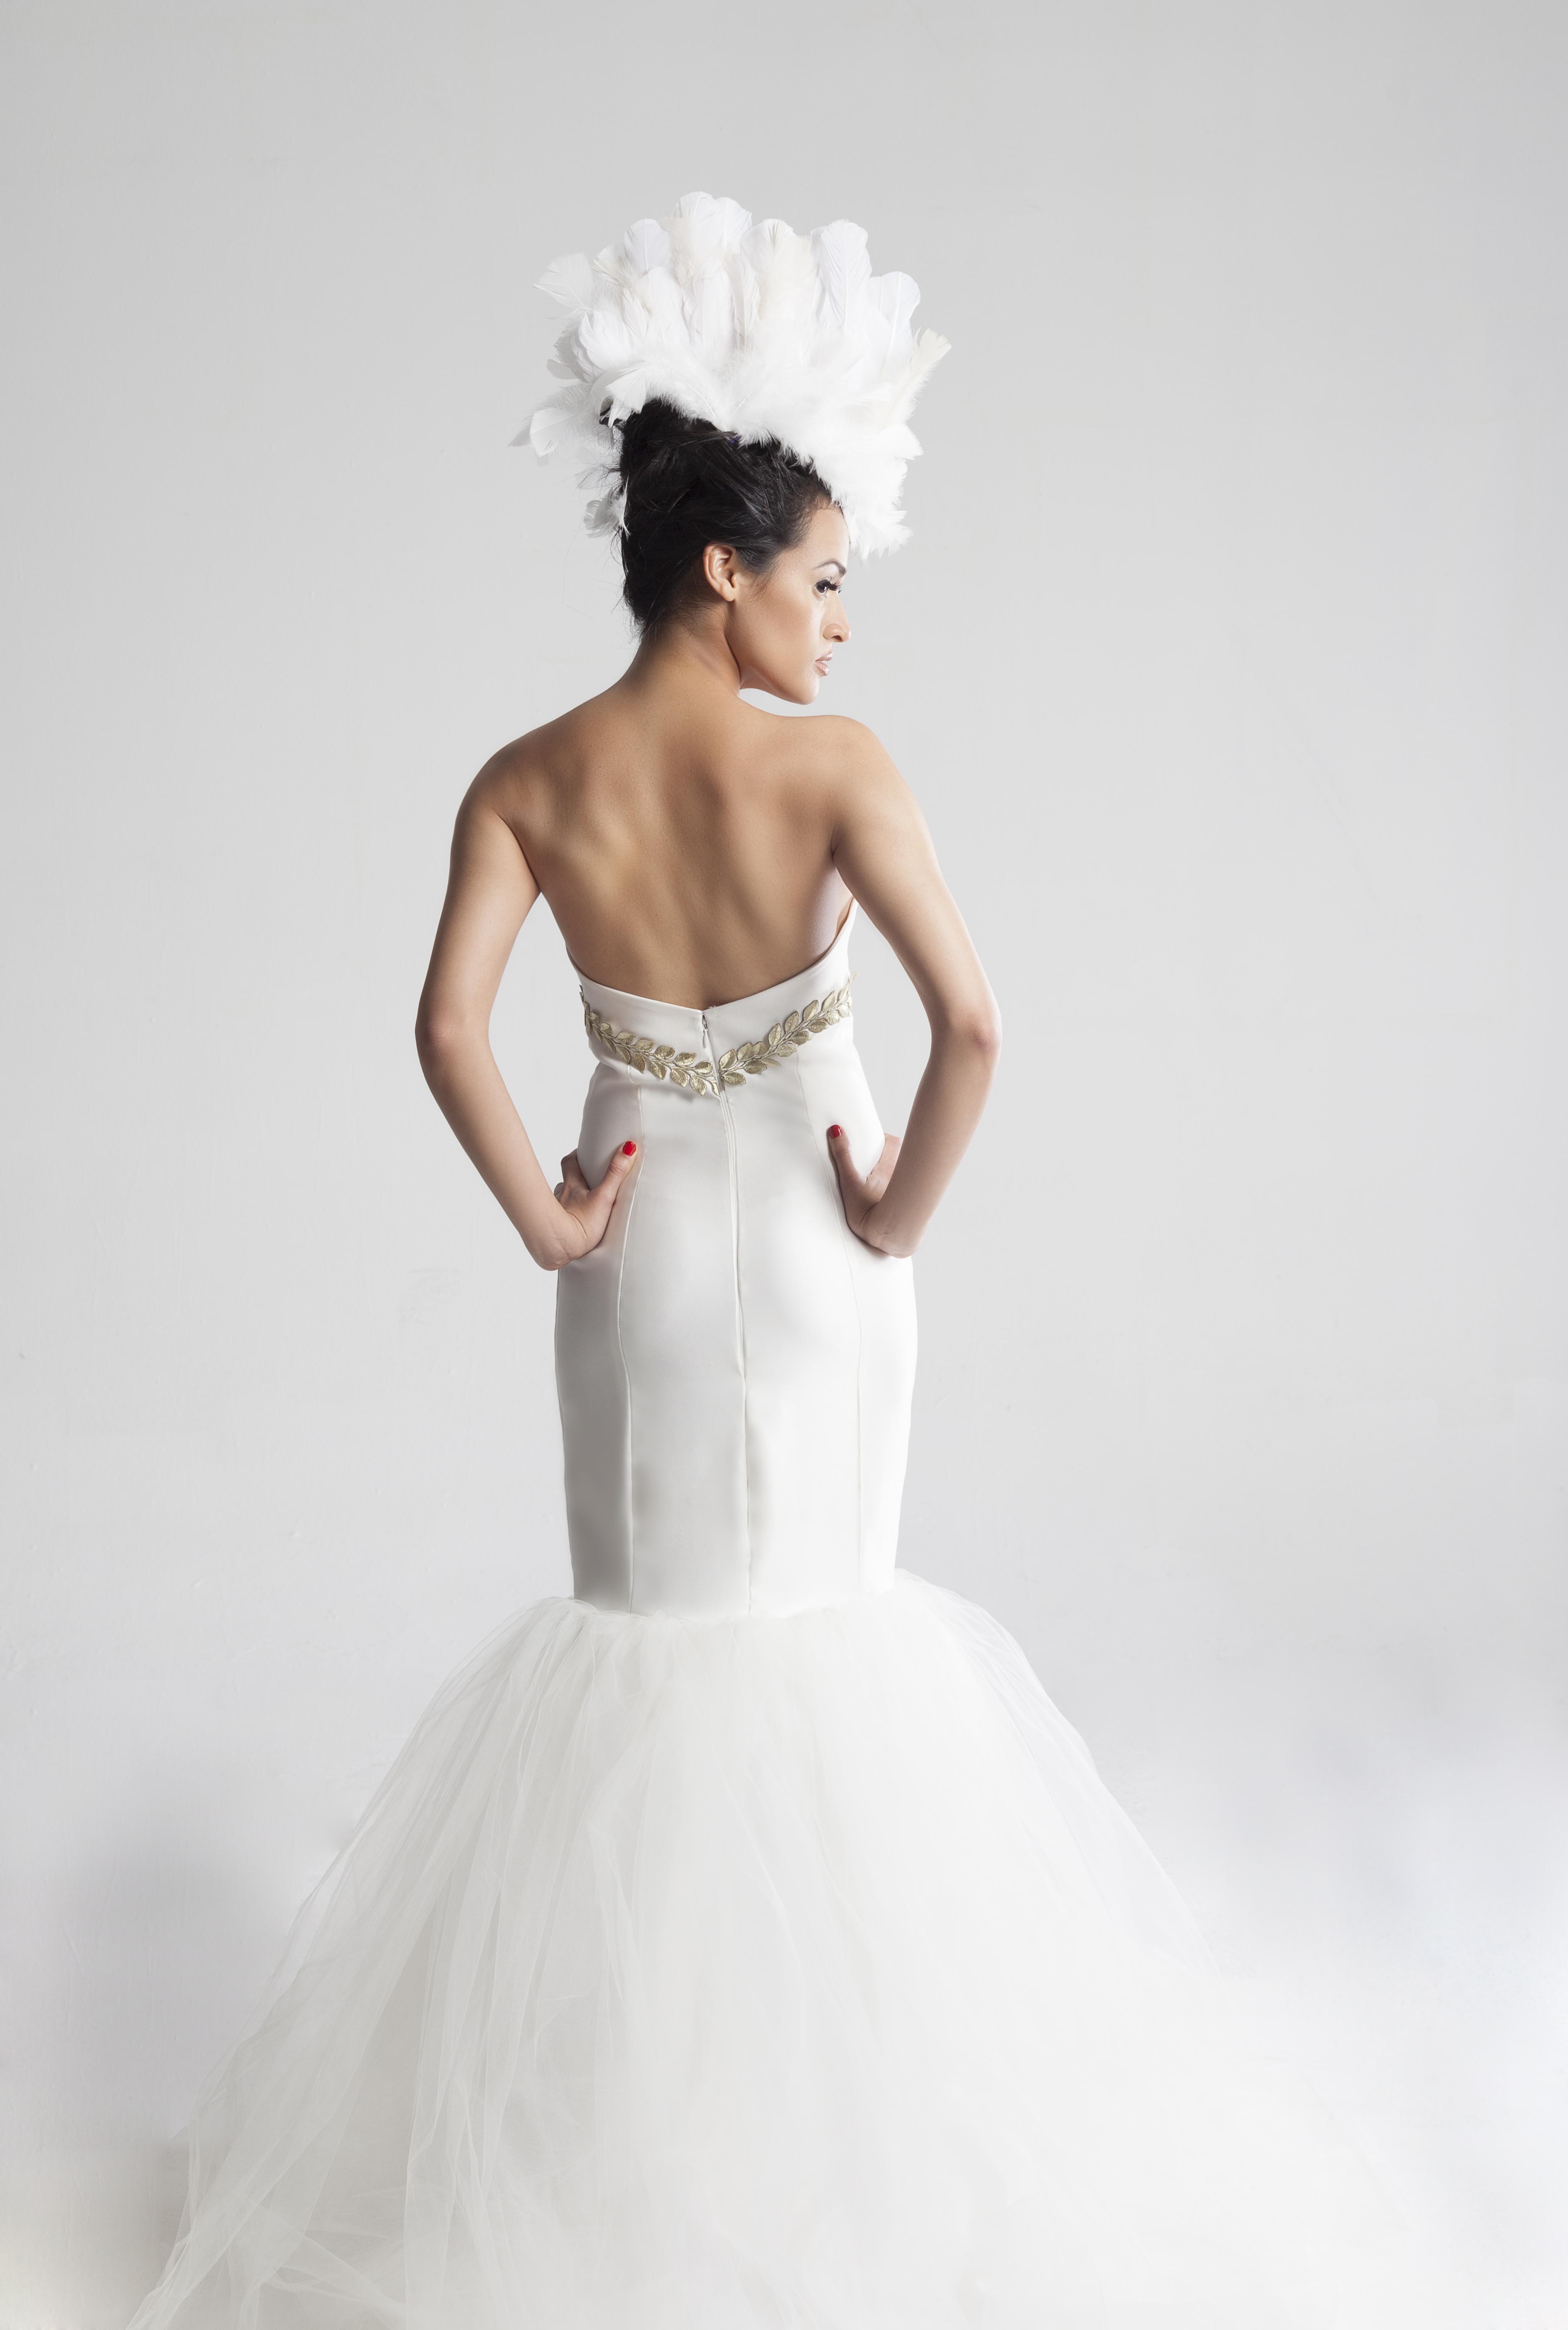 ASHAKA GIVENS BRIDAL 2015